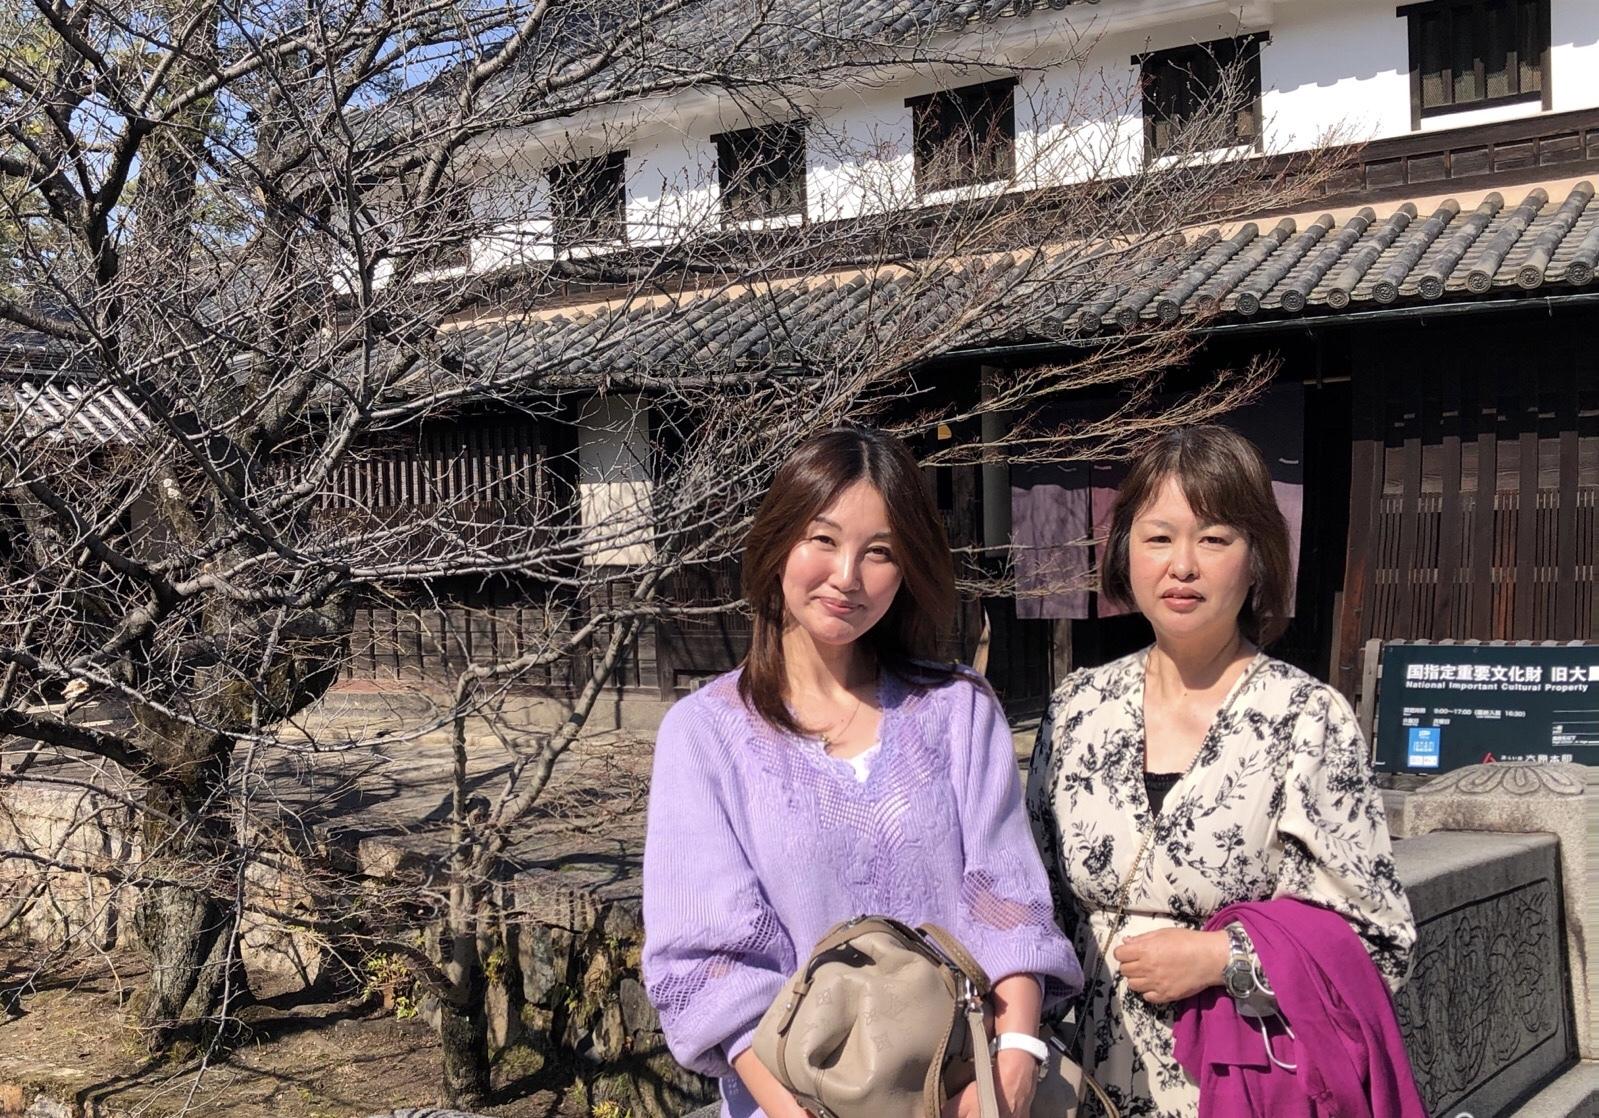 桜の木の前 女性二人